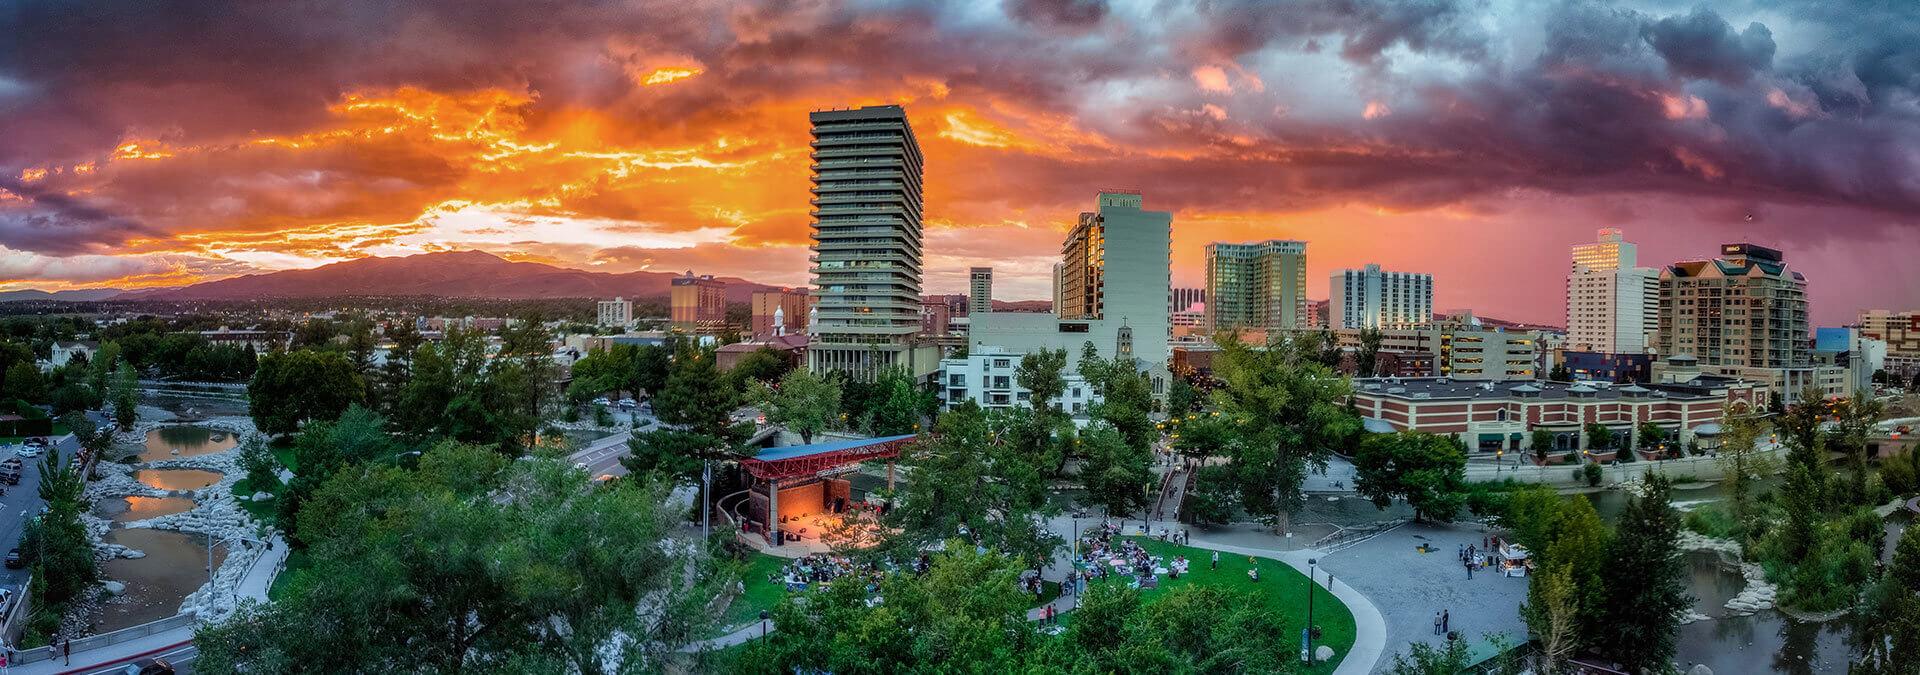 Downtown Reno Skyline